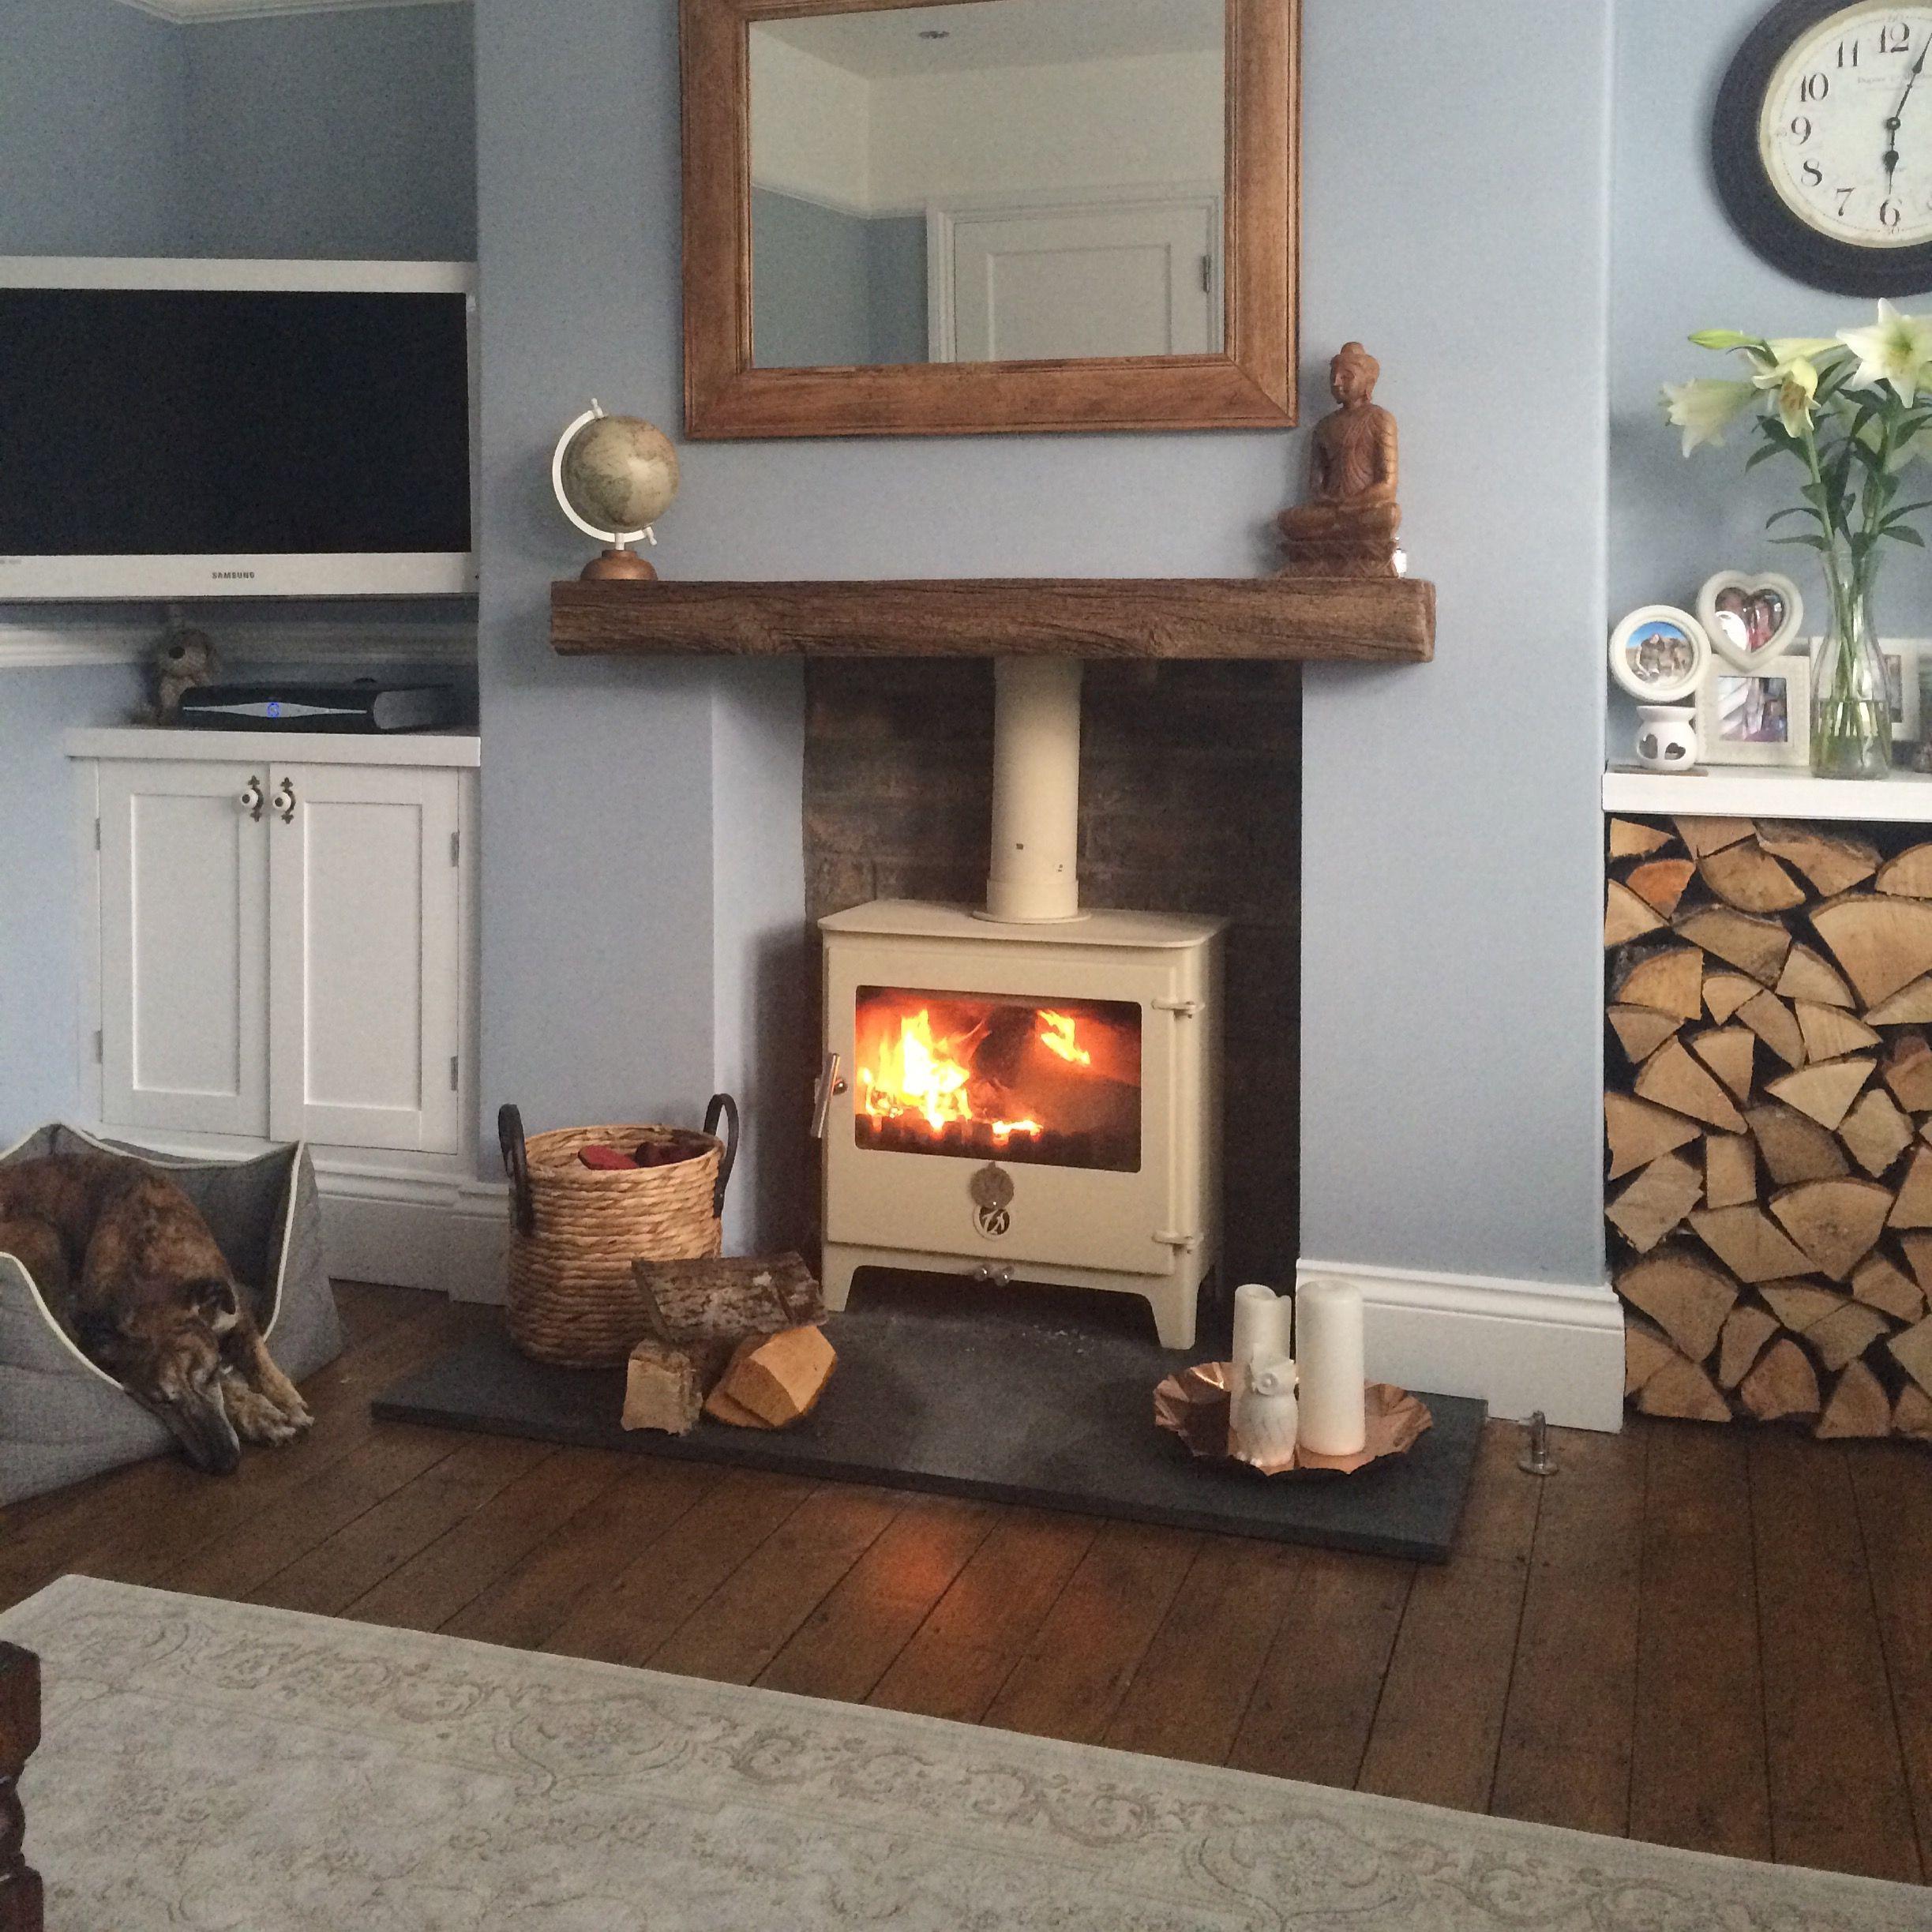 cozy living room chilli penguin log burner slate harth